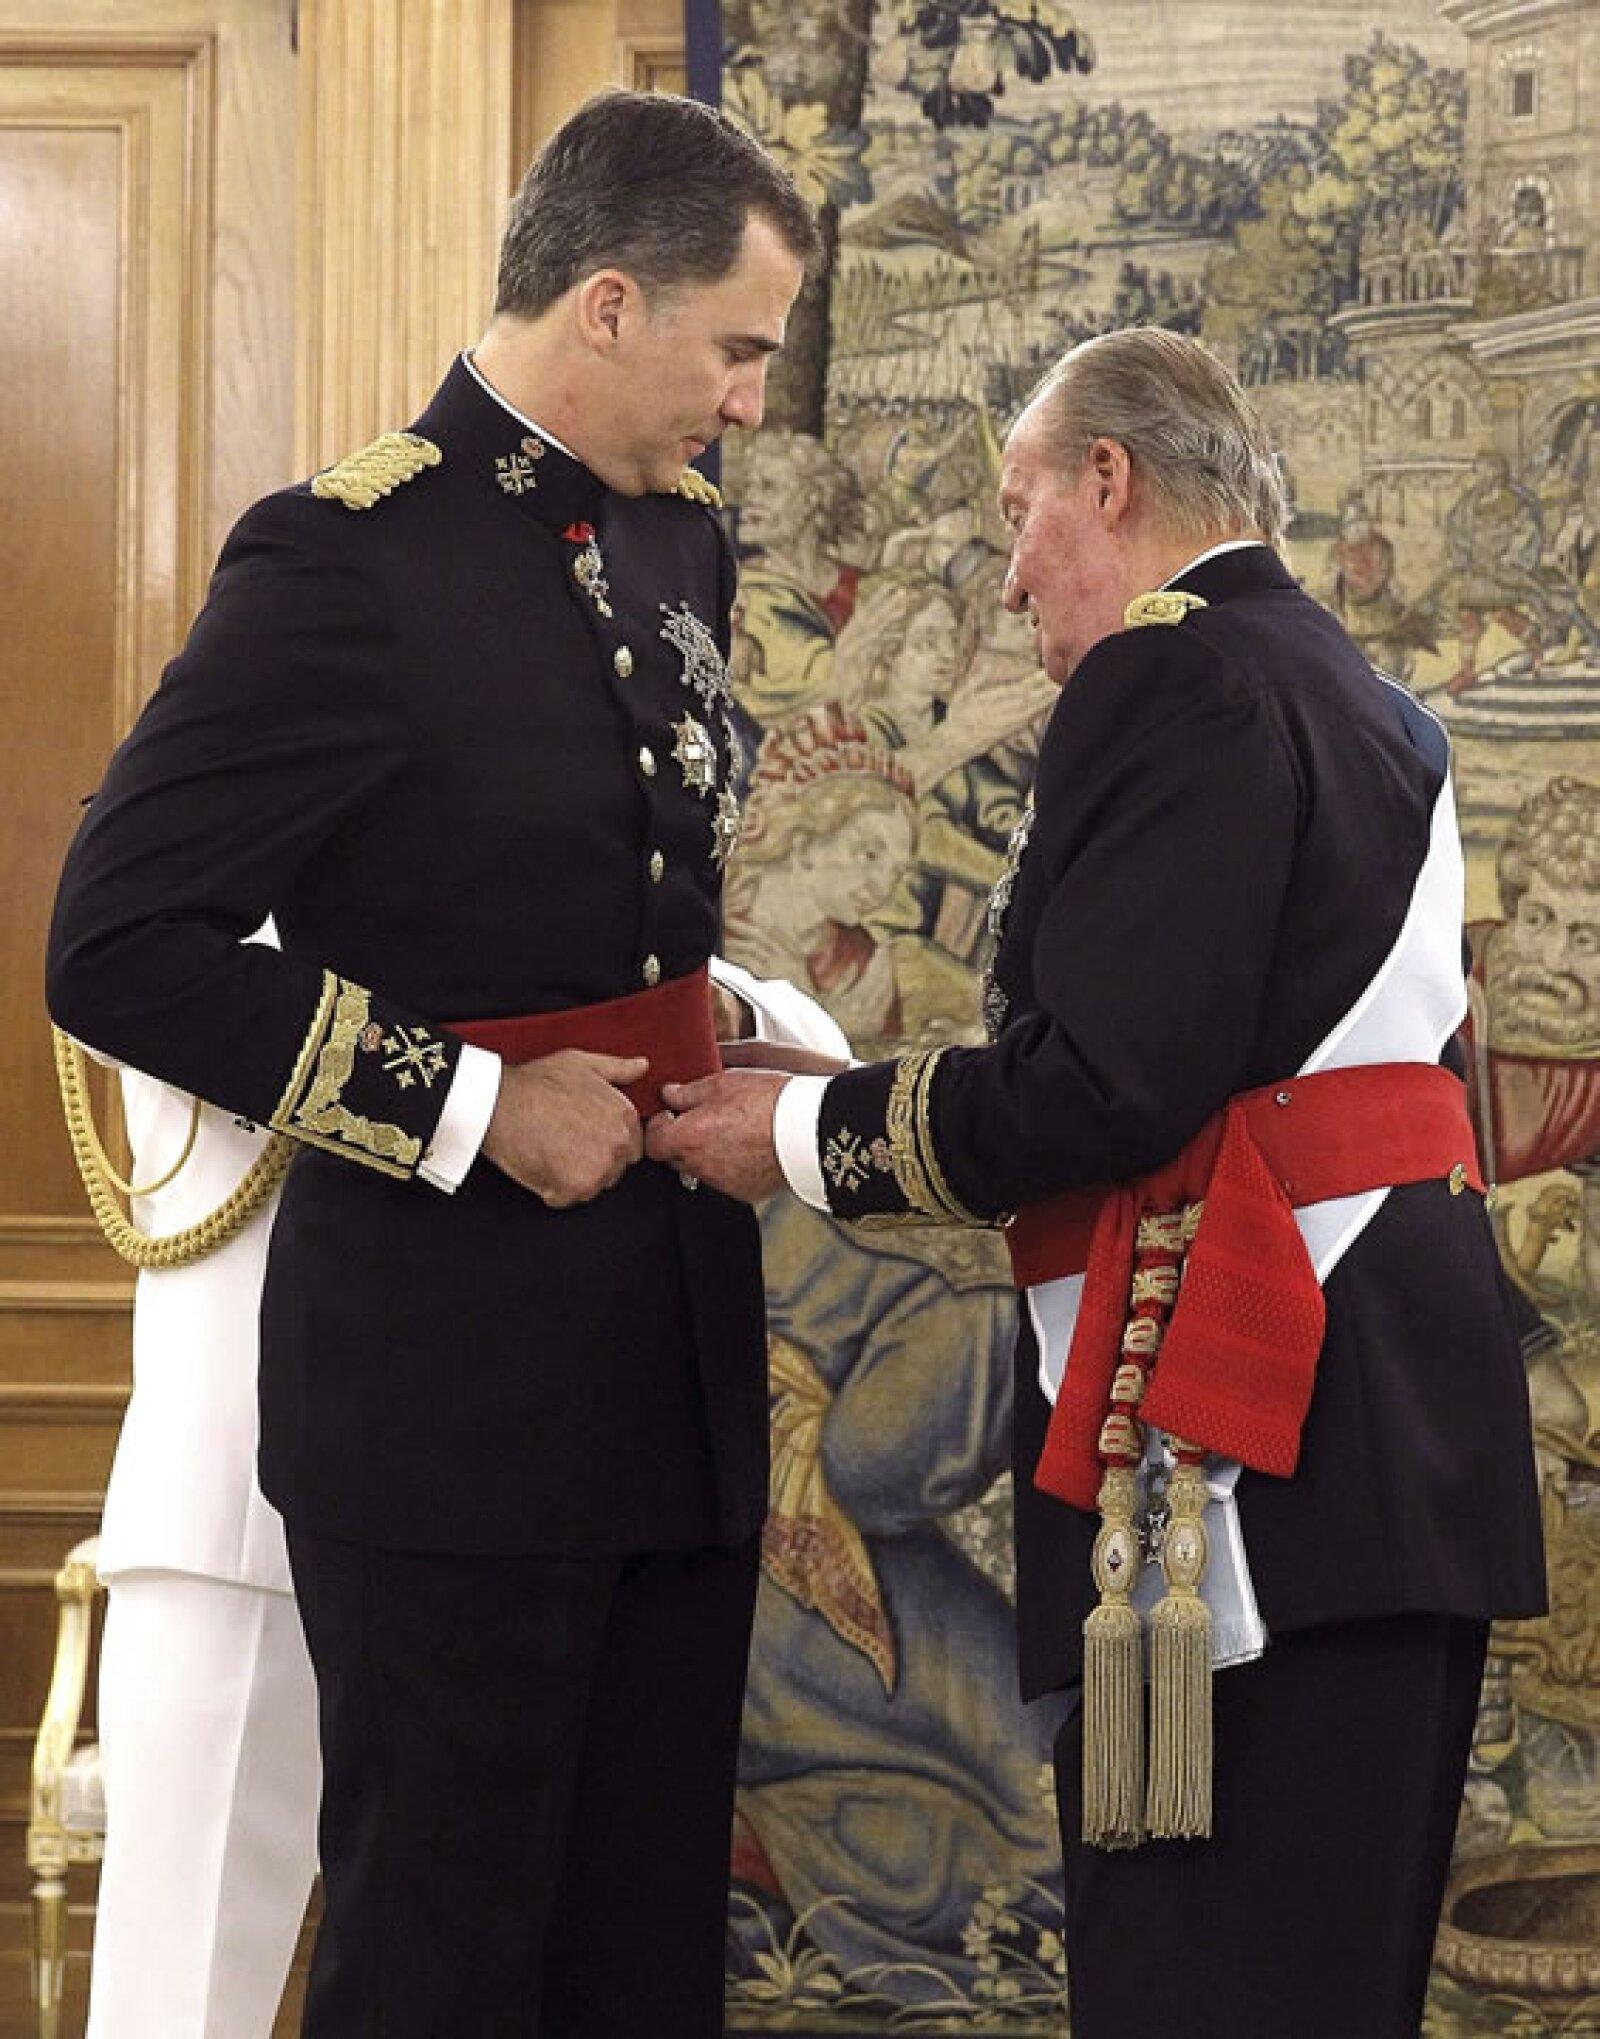 En el Palacio de la Zarzuela, Juan Carlos I puso a Felipe VI el fajín de Capitán General de las Fuerzas Armadas.